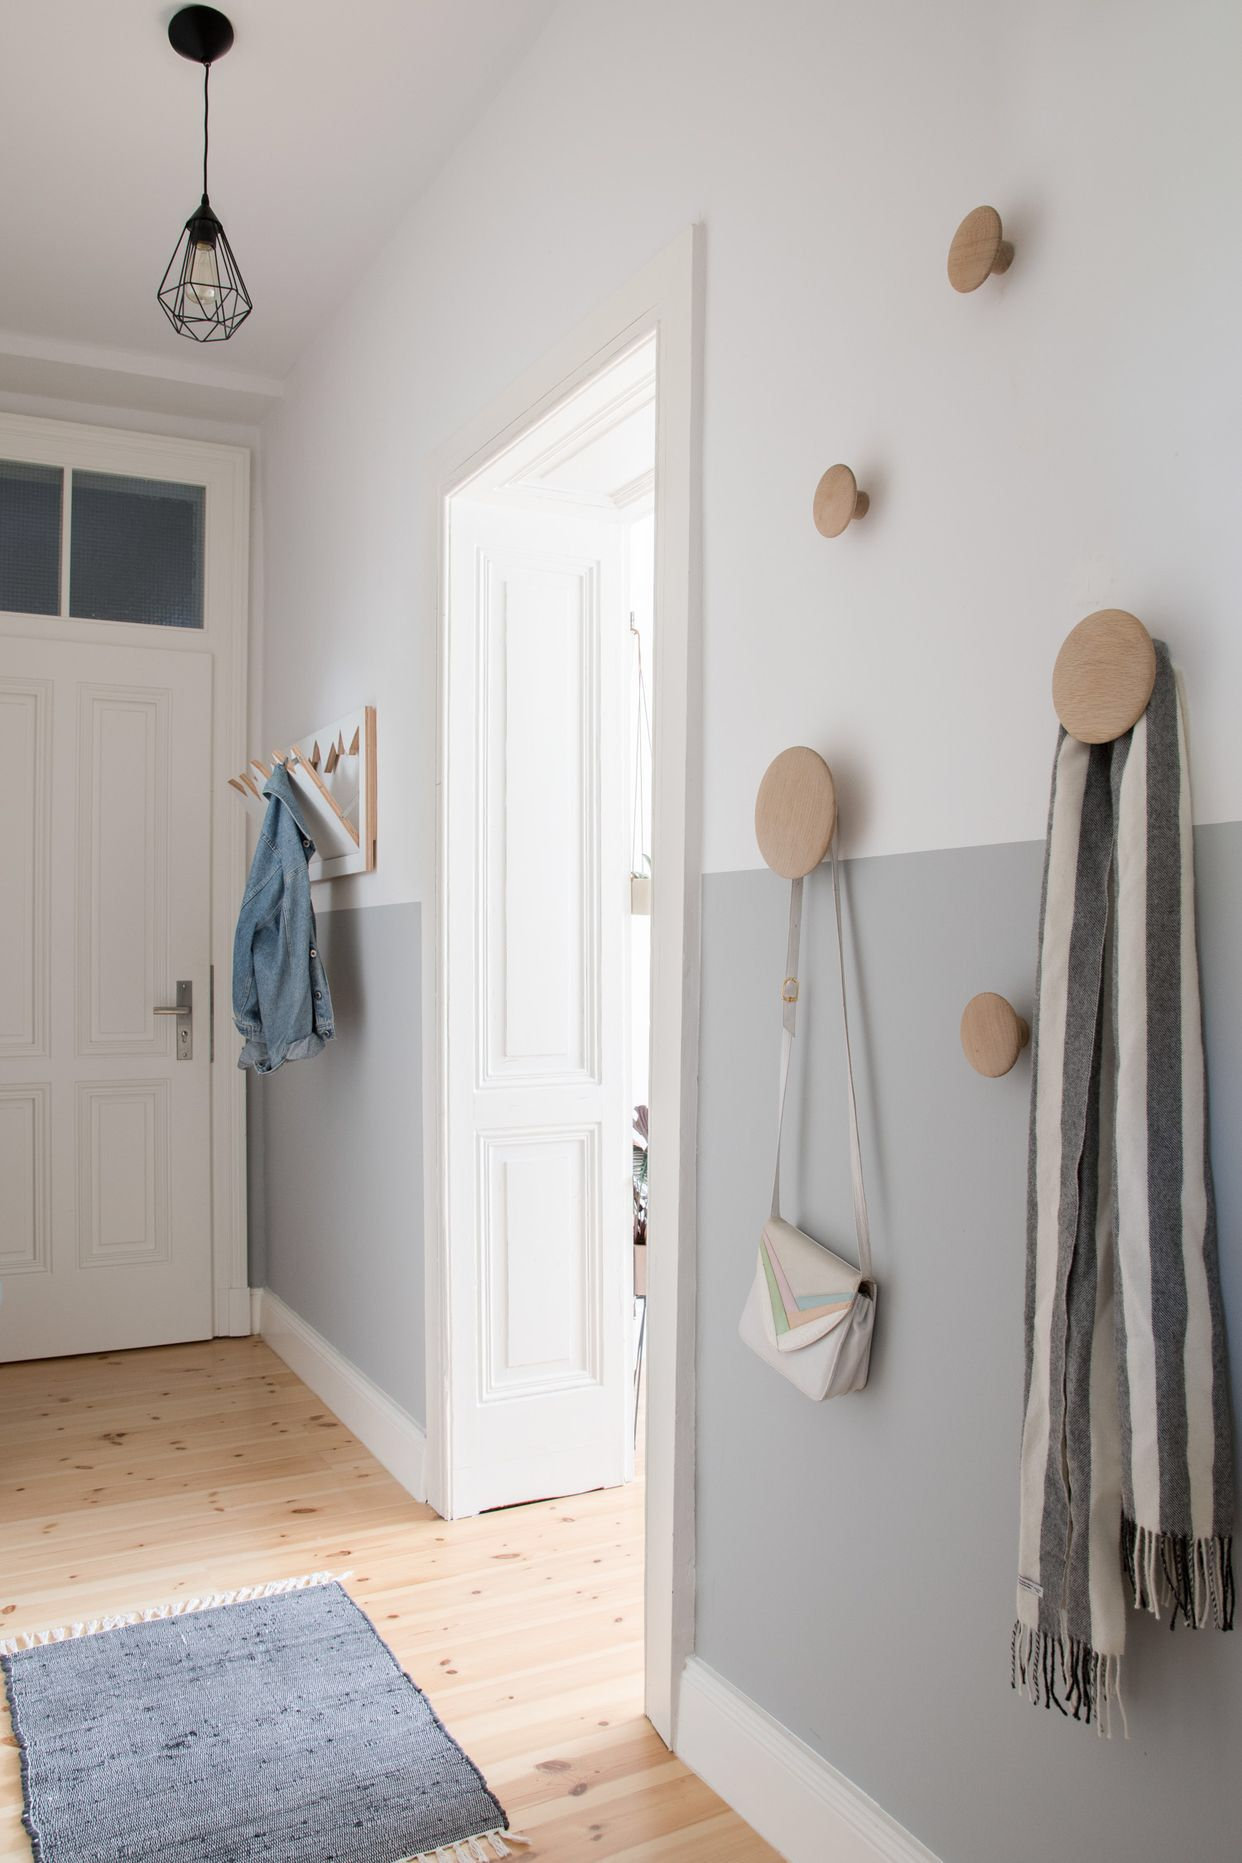 4 einrichtungstipps f r einen kleinen flur interior. Black Bedroom Furniture Sets. Home Design Ideas